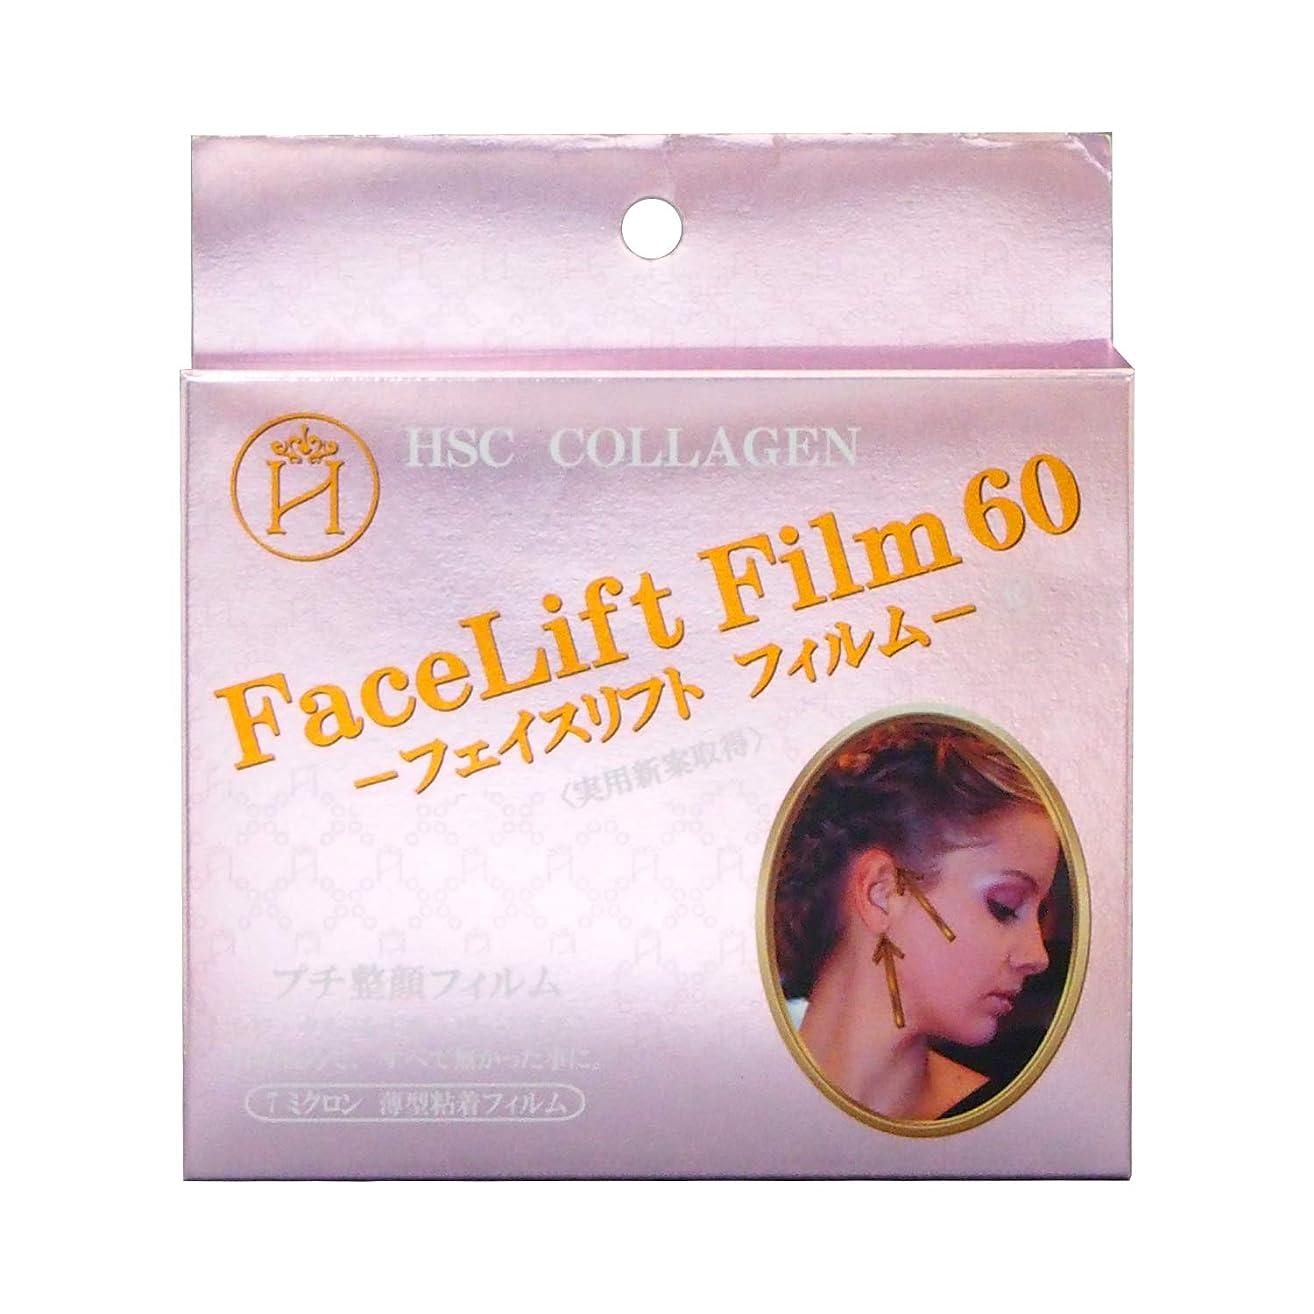 反映する鉄道いちゃつくフェイスリフトフィルム60 たるみ テープ 引き上げ 透明 目立たない フェイスライン